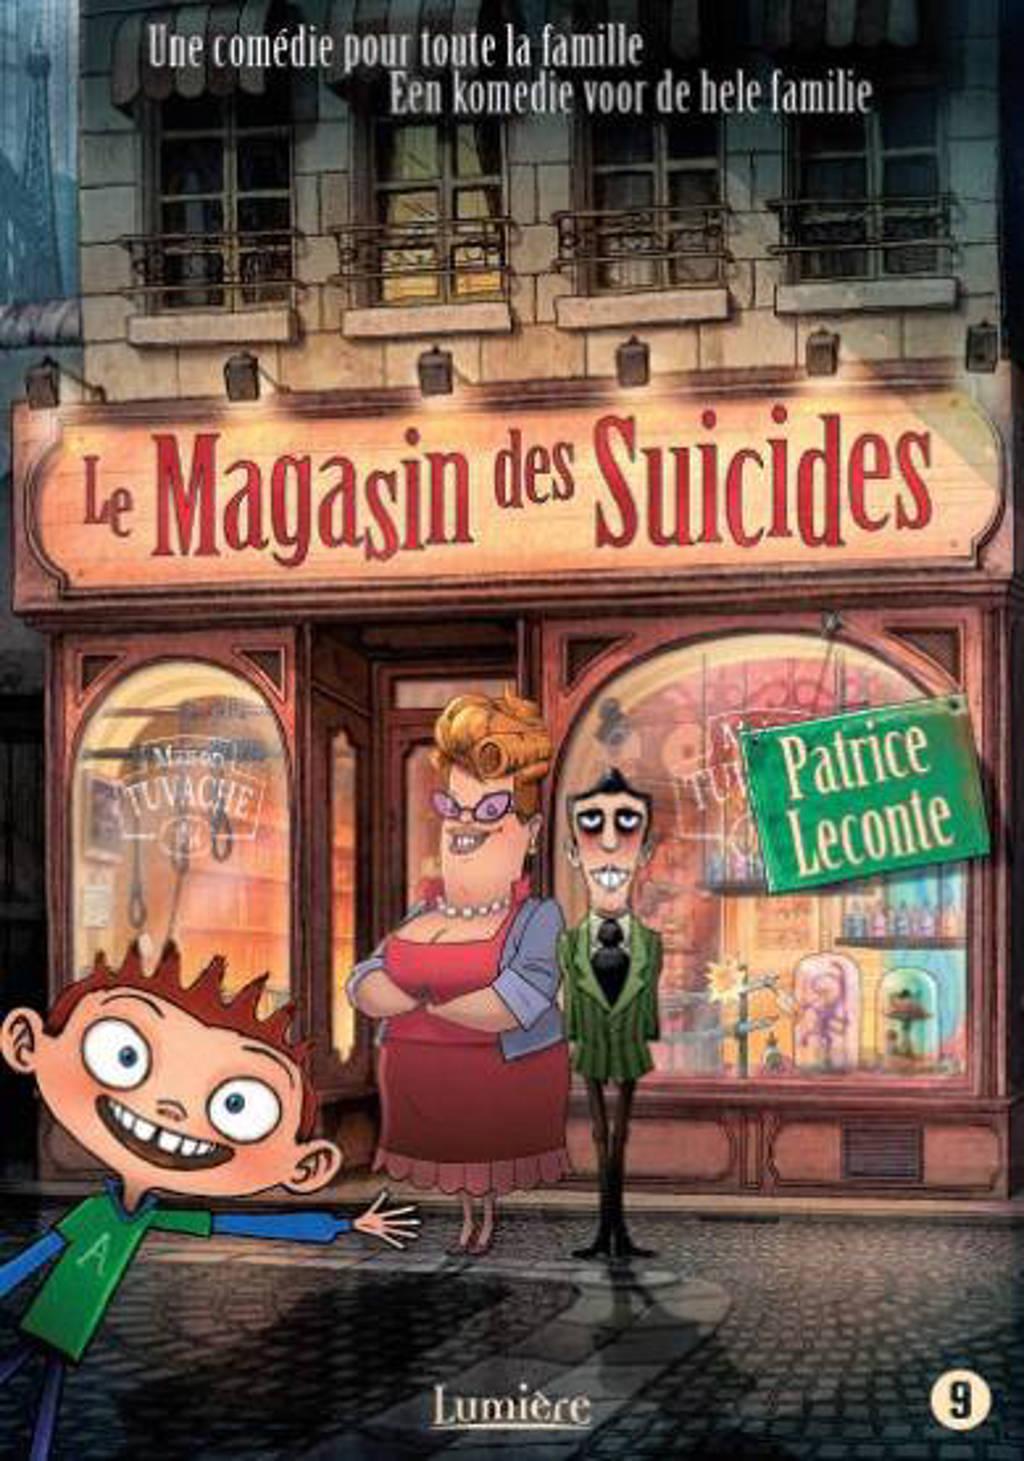 Le magasin des suicides (DVD)